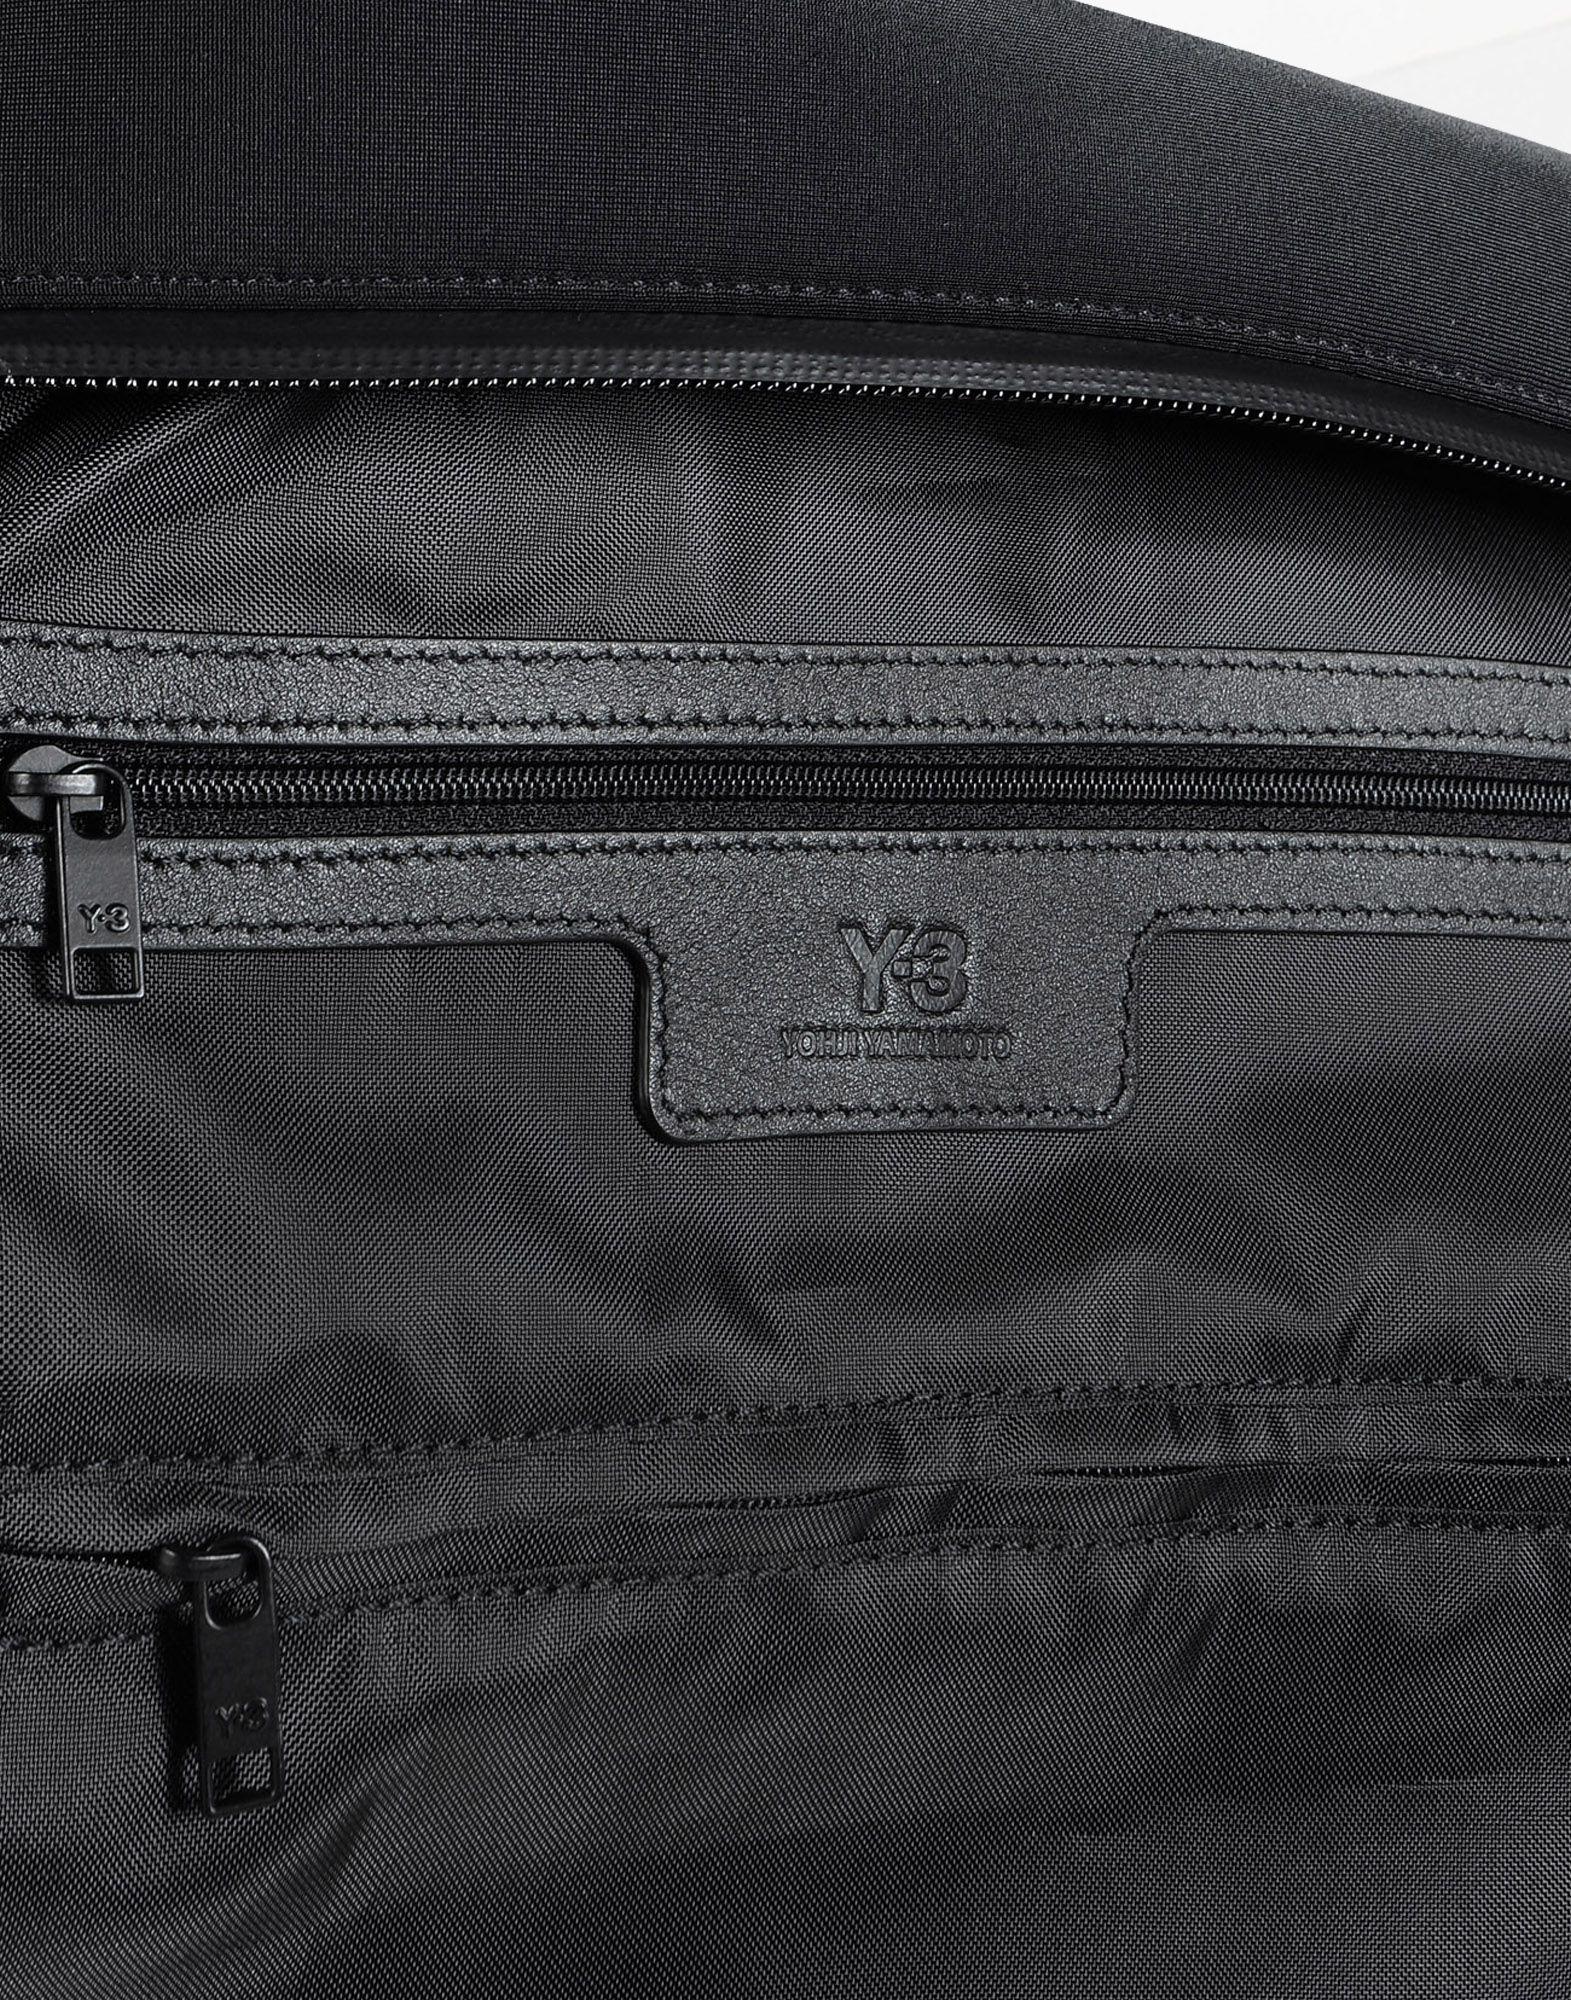 7dbb5a8025 Y-3 Y-3 QASA GYMBAG Gym bag E ...